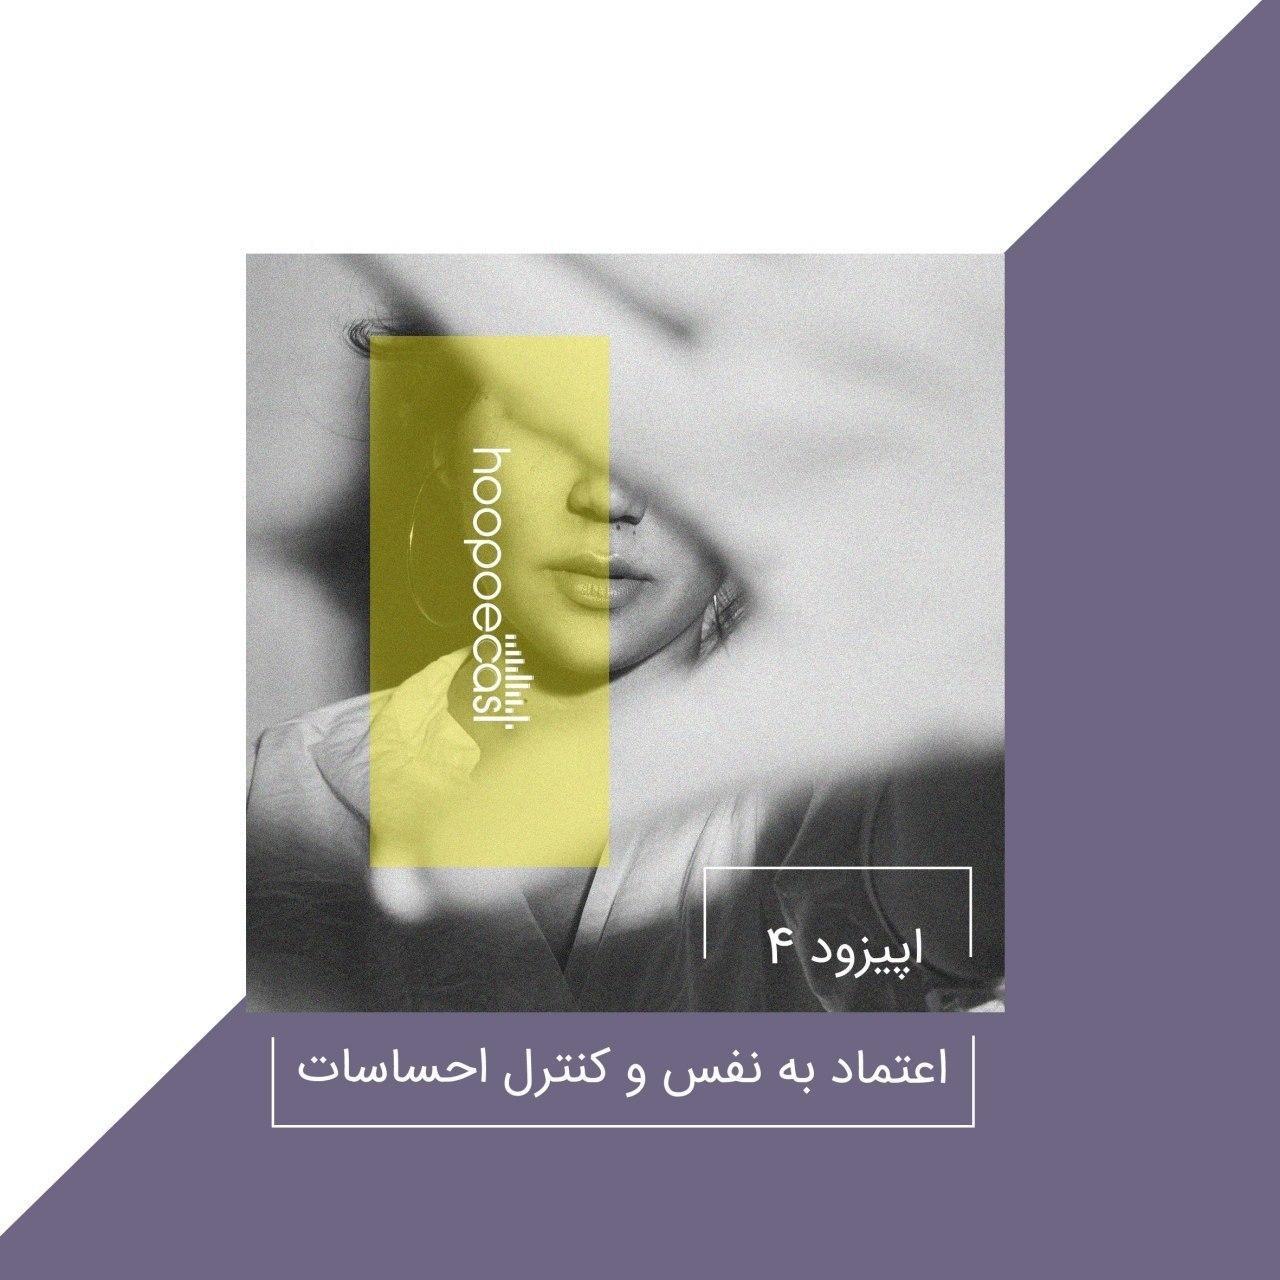 اپیزود چهارم-اعتماد به نفس و کنترل احساسات